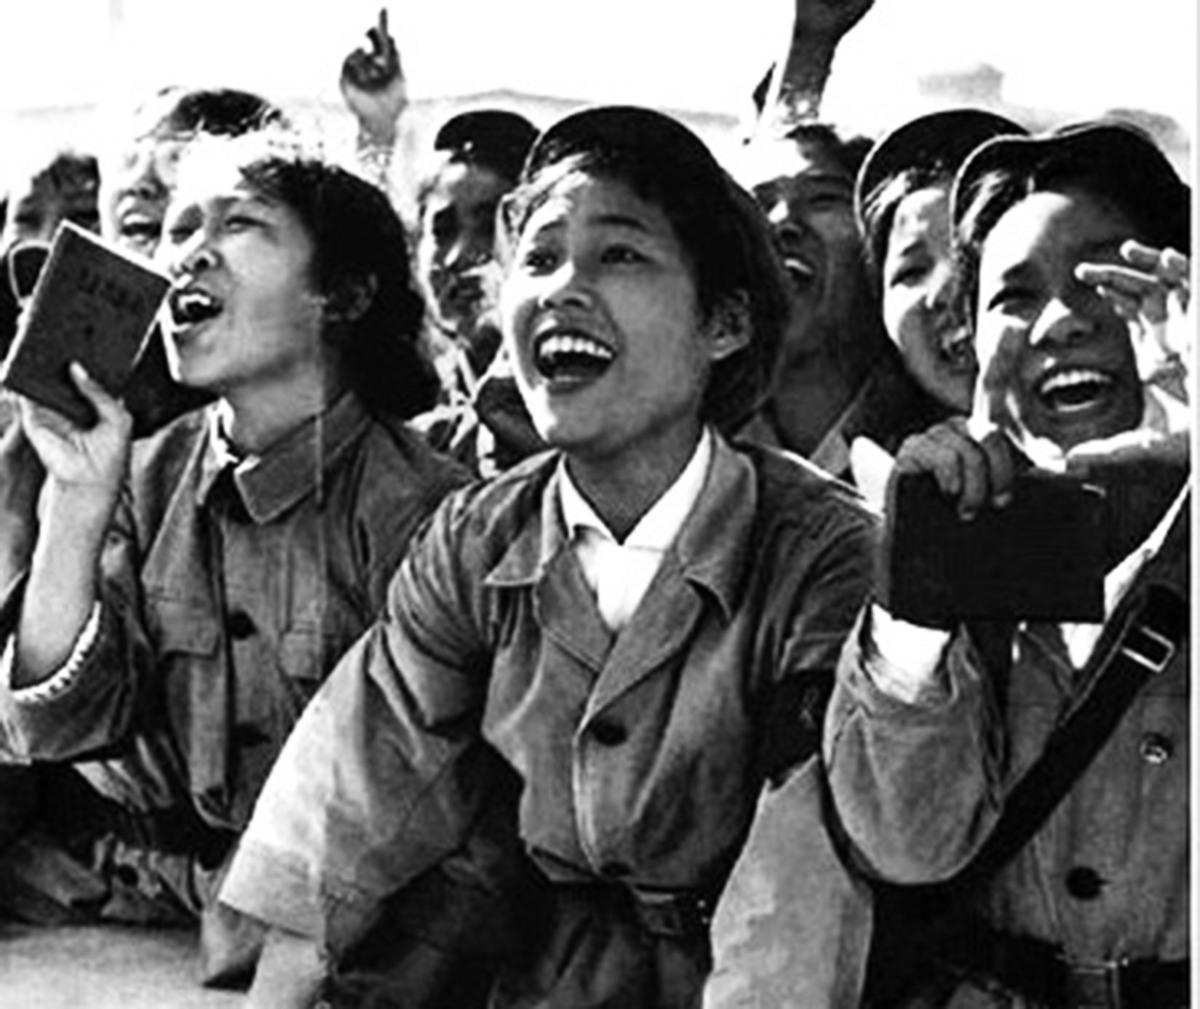 這是文革初期一張宣傳最廣的照片。一名天真可愛的中學女生成為狂熱的毛信徒(此人今年已是近七十歲的老奶奶)。(網絡圖片)